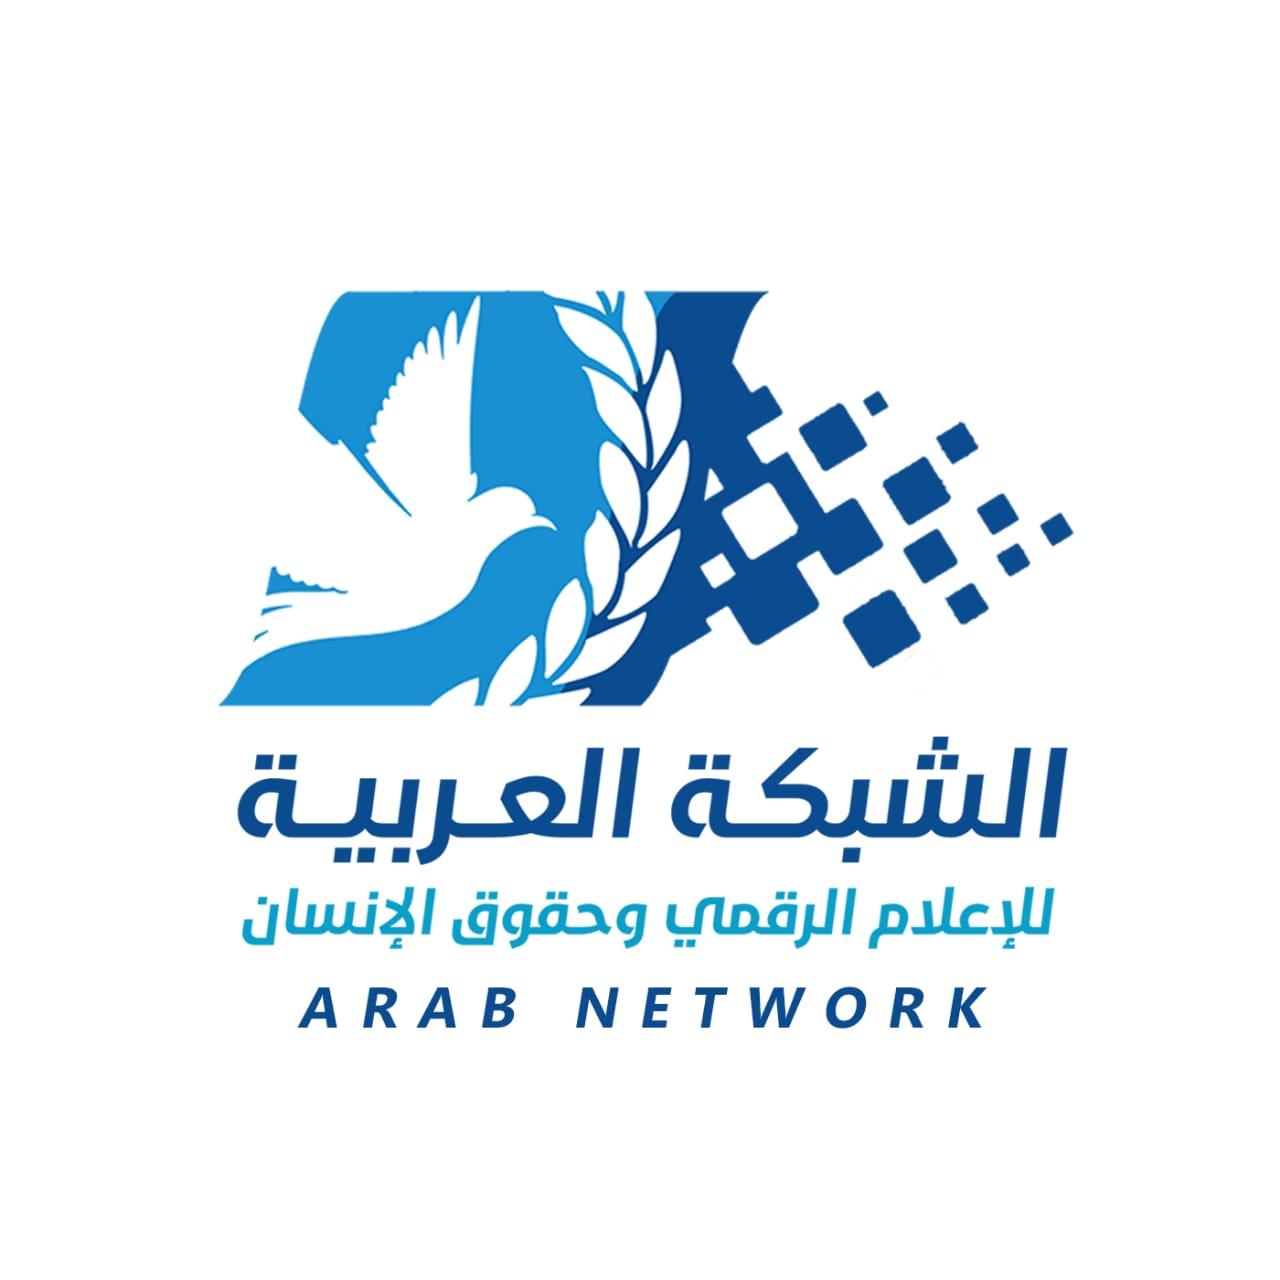 التقرير النهائى لنتائج اعمال متابعة الشبكة العربية للاعلام الرقمى وحقوق الانسان لانتخابات التجديد النصفى لنقابة الصحفيين لعام 2021